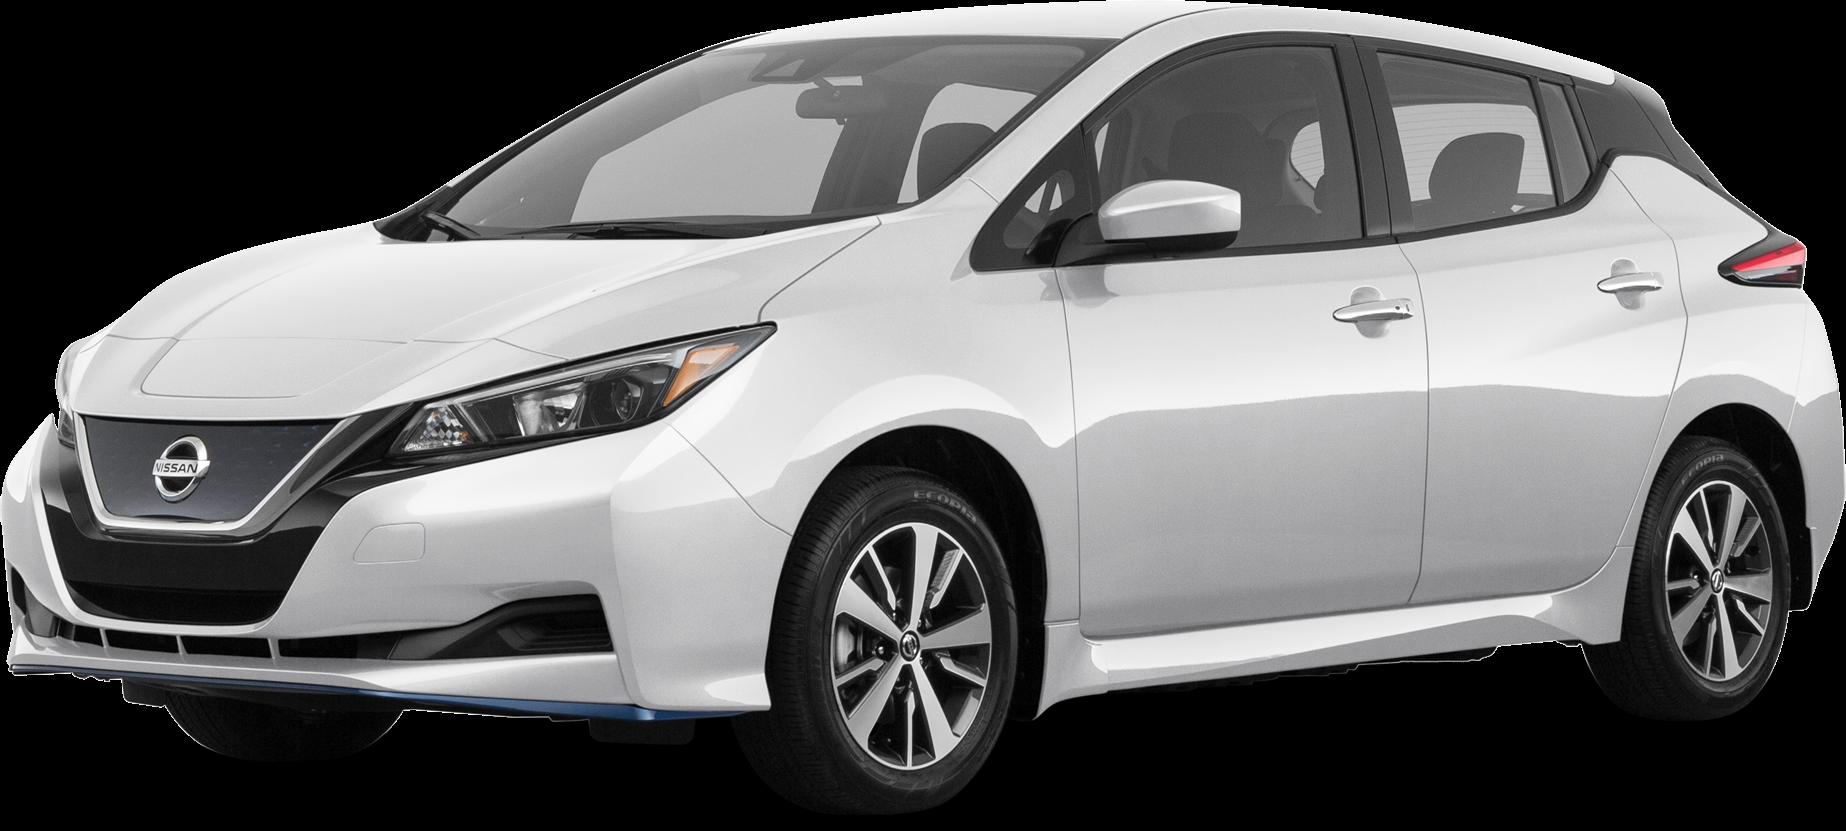 White Nissan leaf electric car